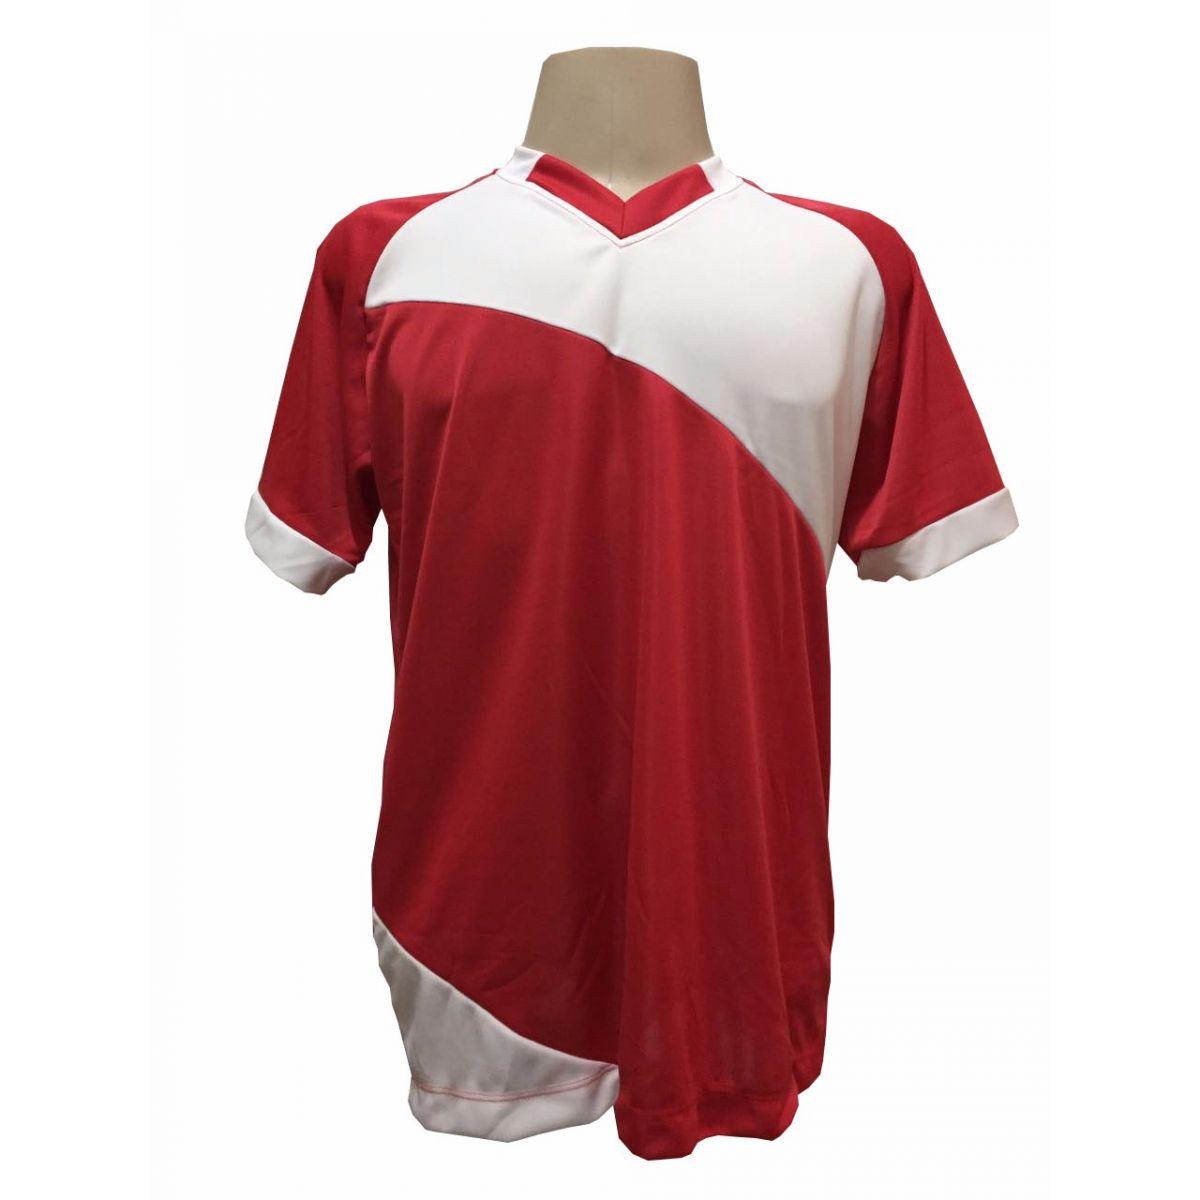 Fardamento Completo modelo Bélgica 20+1 (20 camisas Vermelho/Branco + 20 calções modelo Copa Vermelho/Branco + 20 pares de meiões Vermelho + 1 conjunto de goleiro) + Brindes